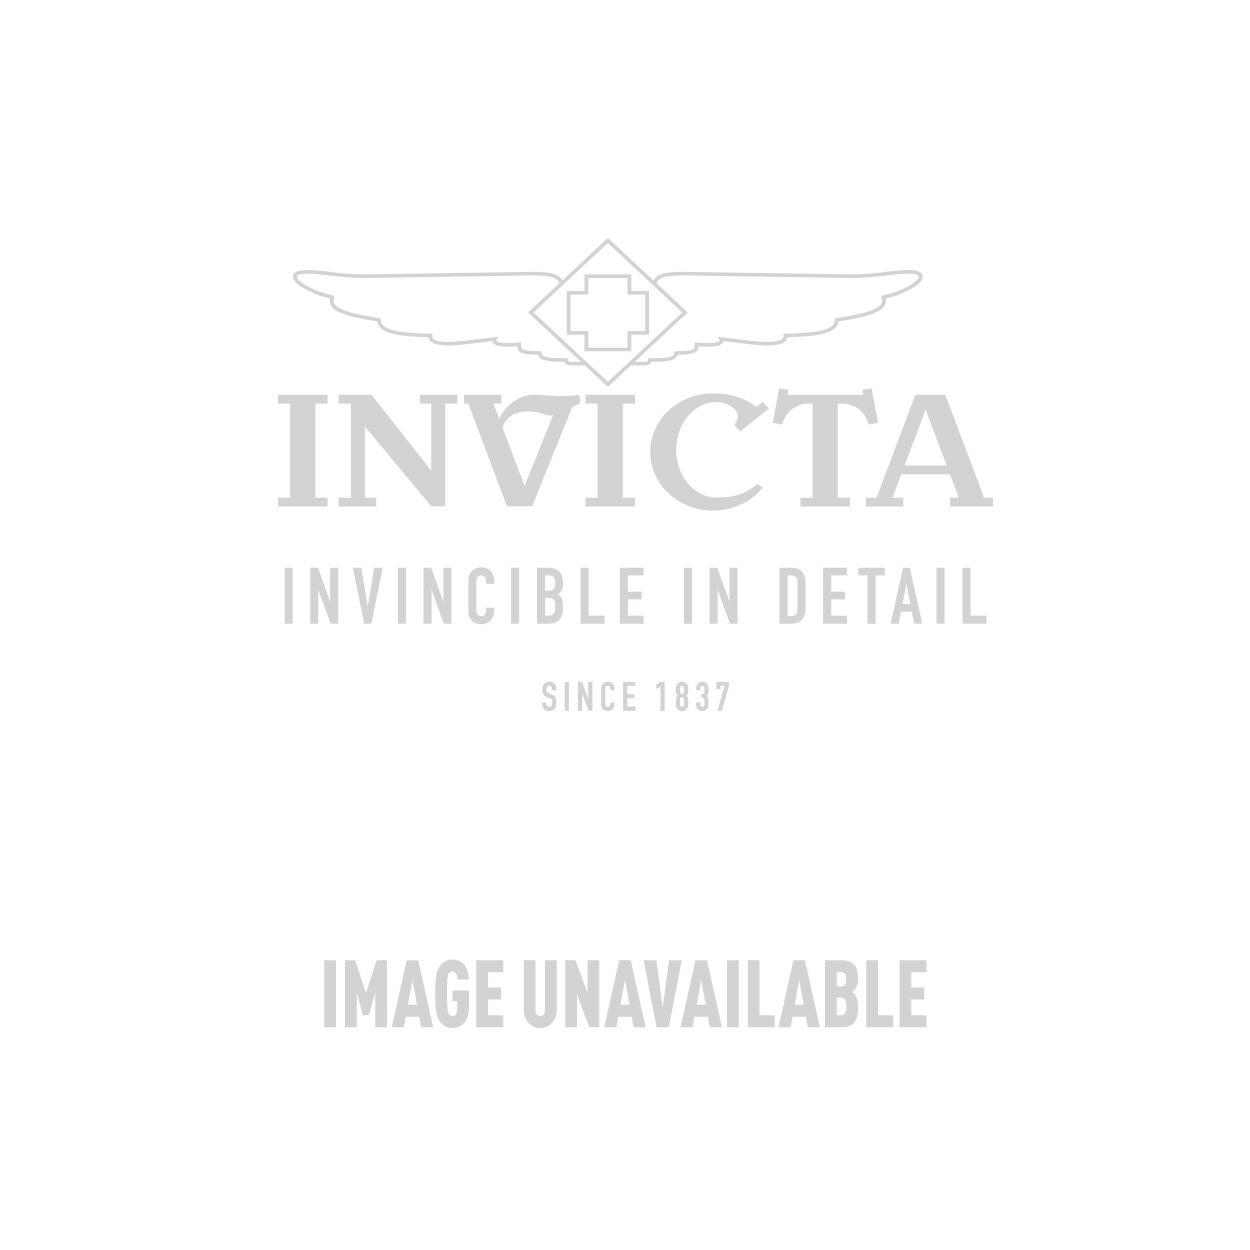 Invicta Model 29418